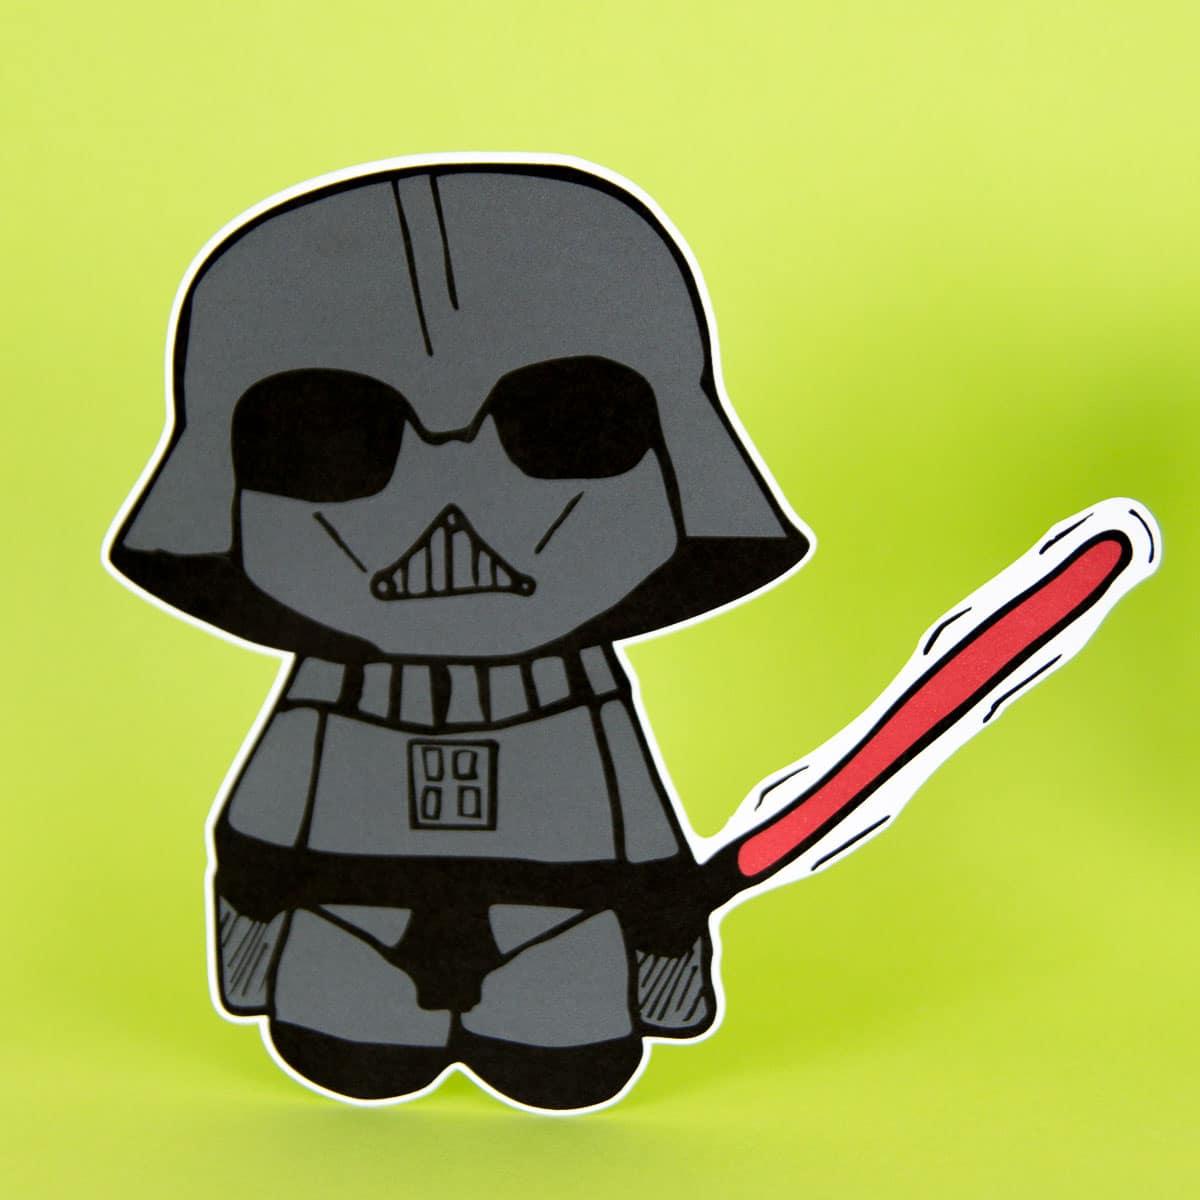 Niedlicher Darth Vader Plotter Freebie Free Printable Und Video